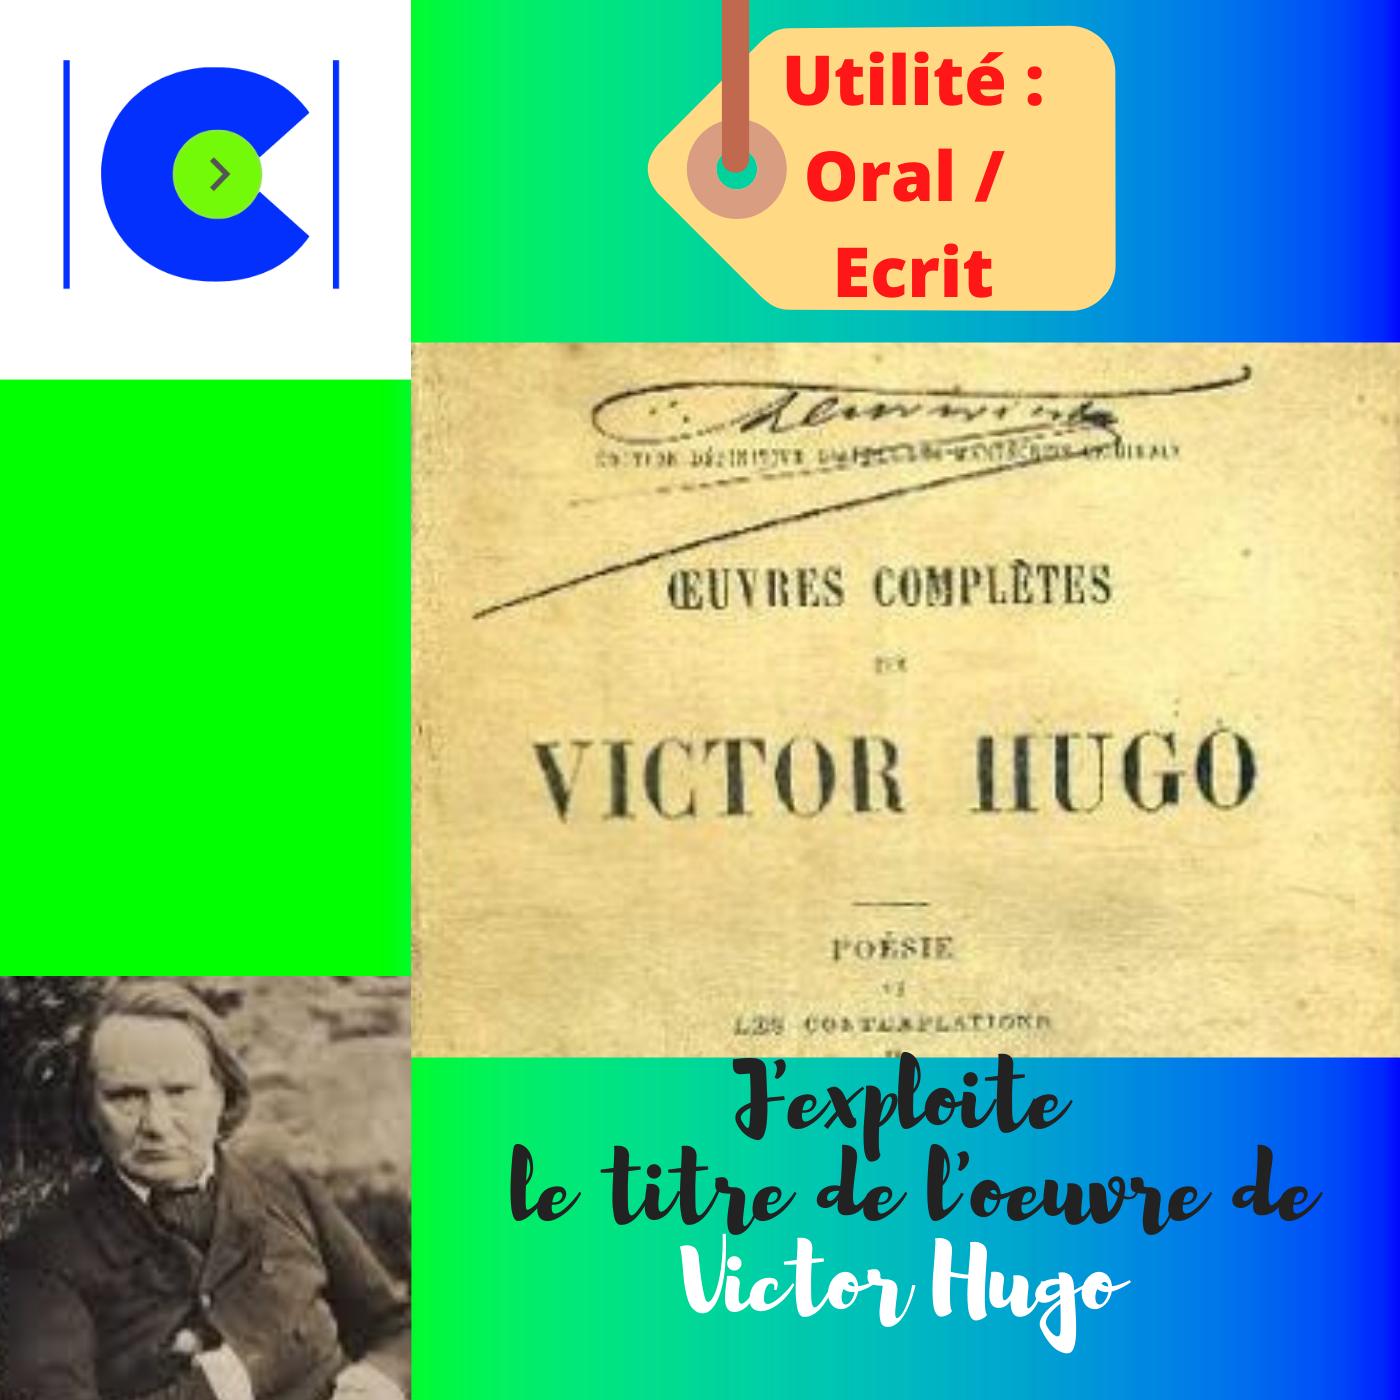 La portée du titre de l'oeuvre de Victor HUGO